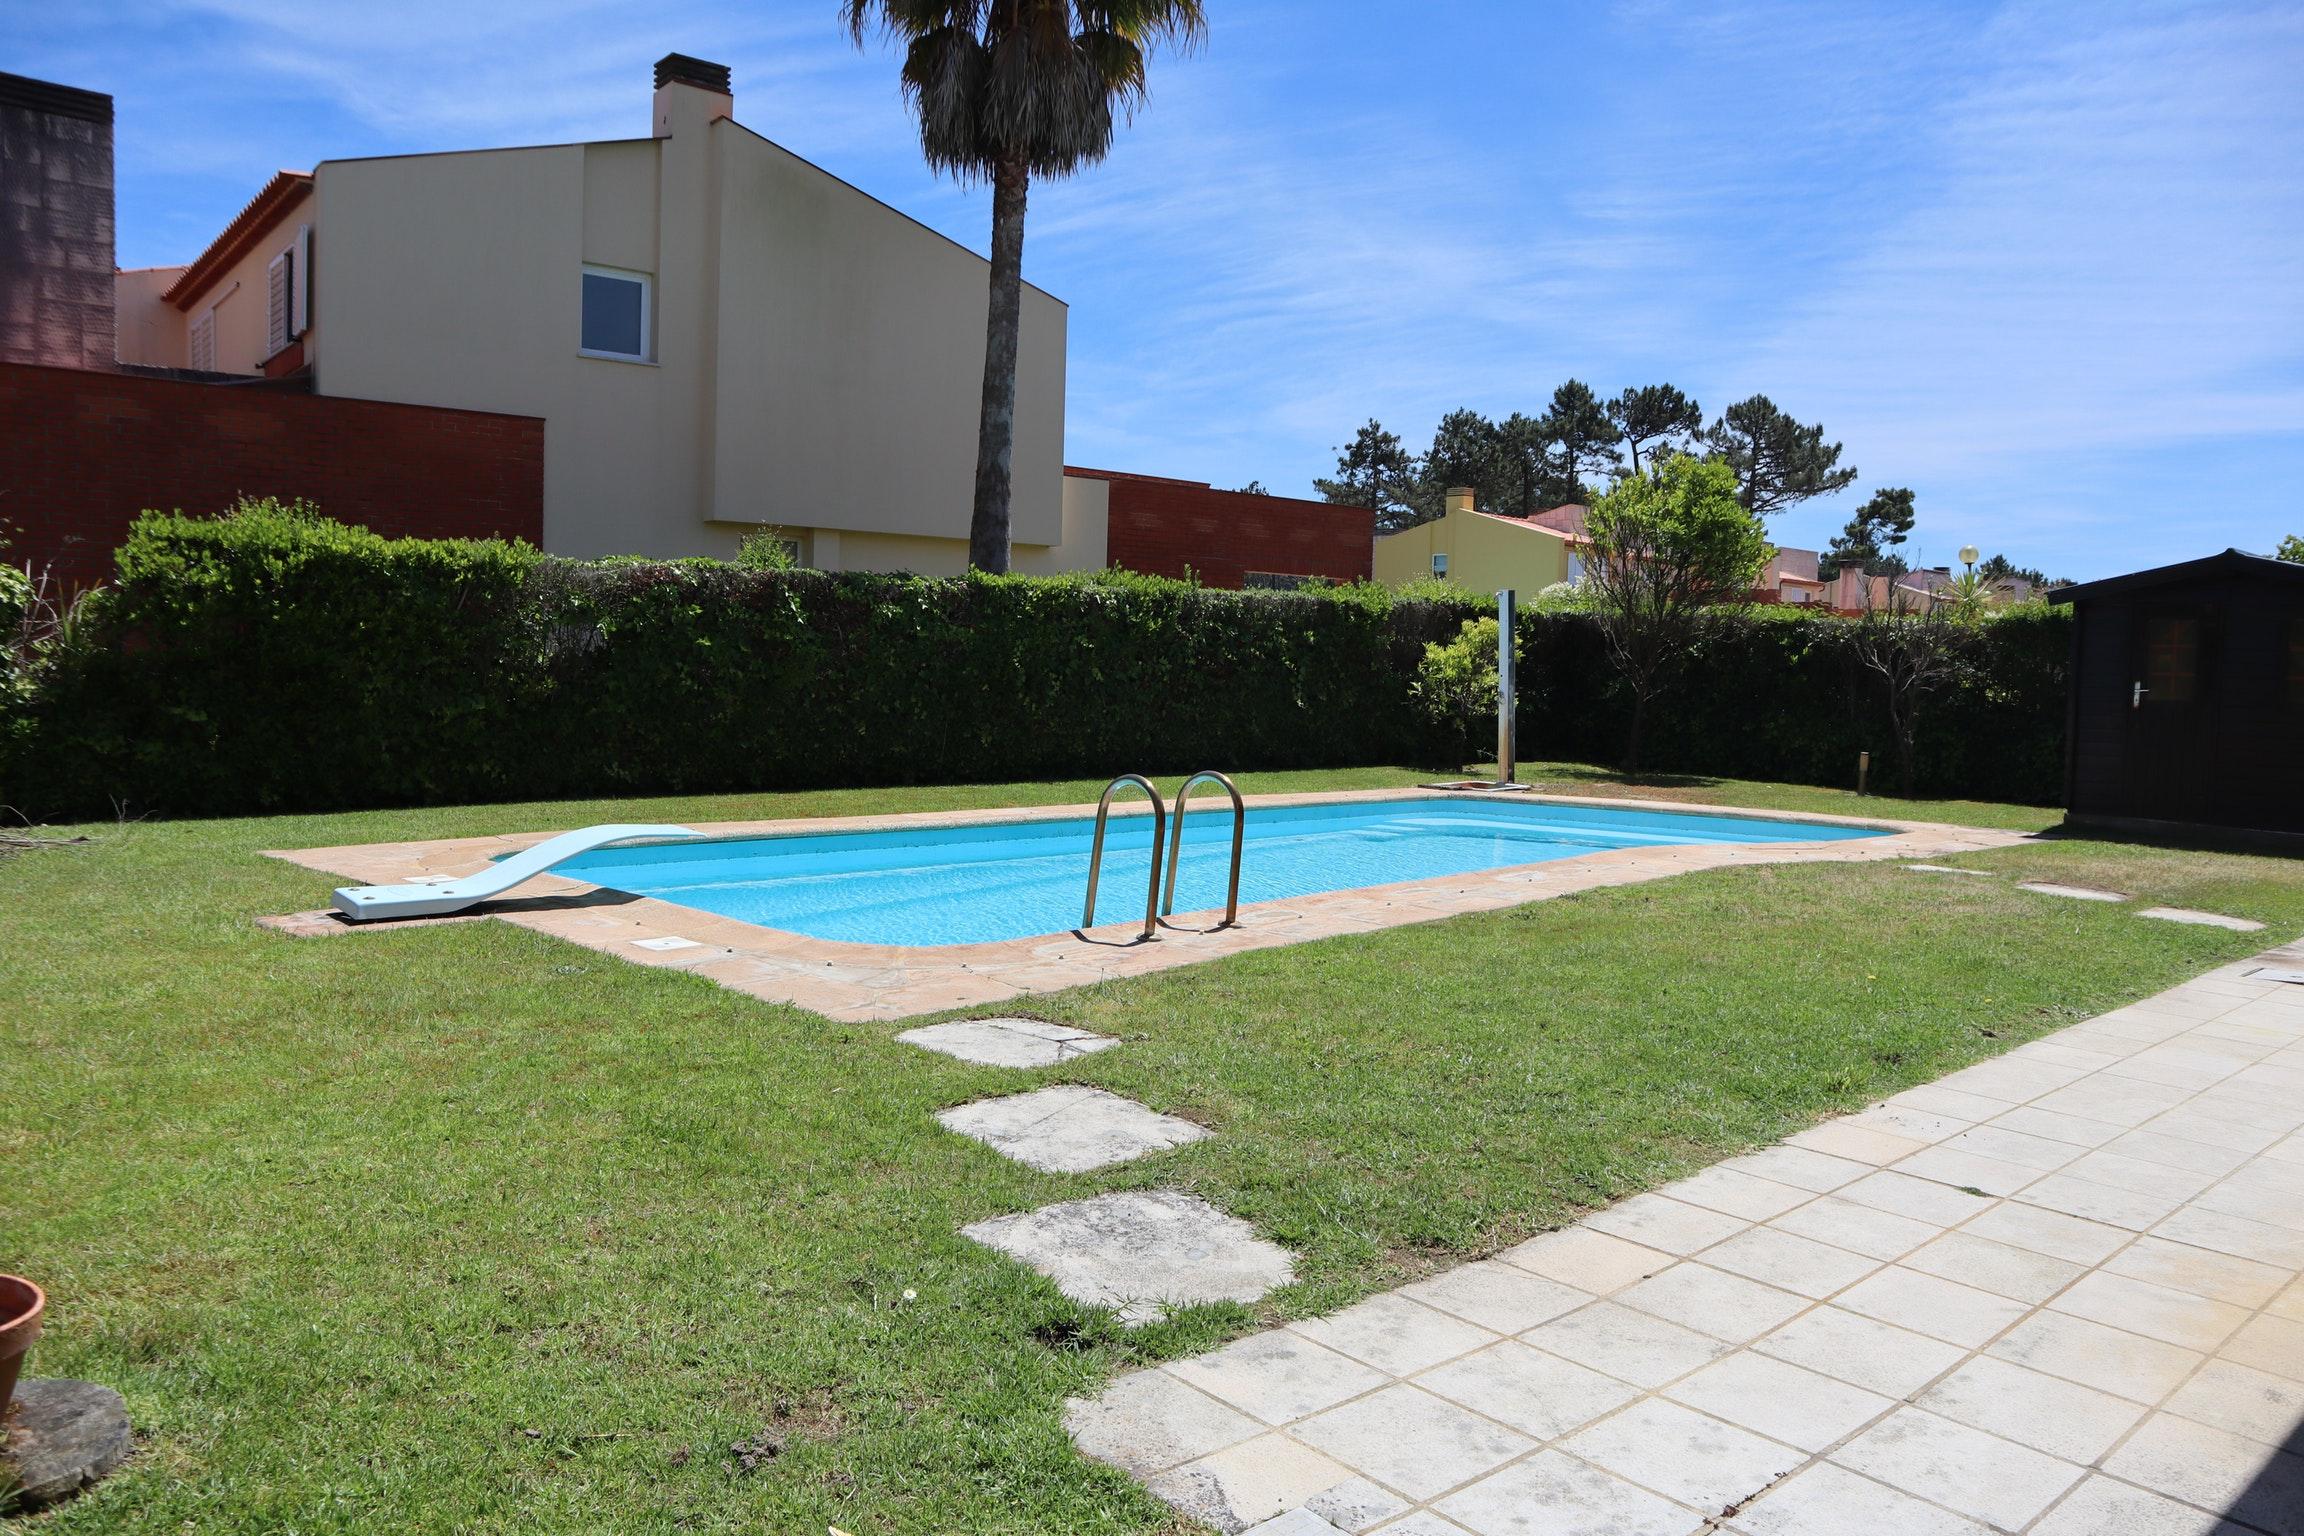 Ferienhaus Villa mit 4 Schlafzimmern in Praia de Mira mit privatem Pool, eingezäuntem Garten und W-LA (2623071), Praia de Mira, Costa de Prata, Zentral-Portugal, Portugal, Bild 11